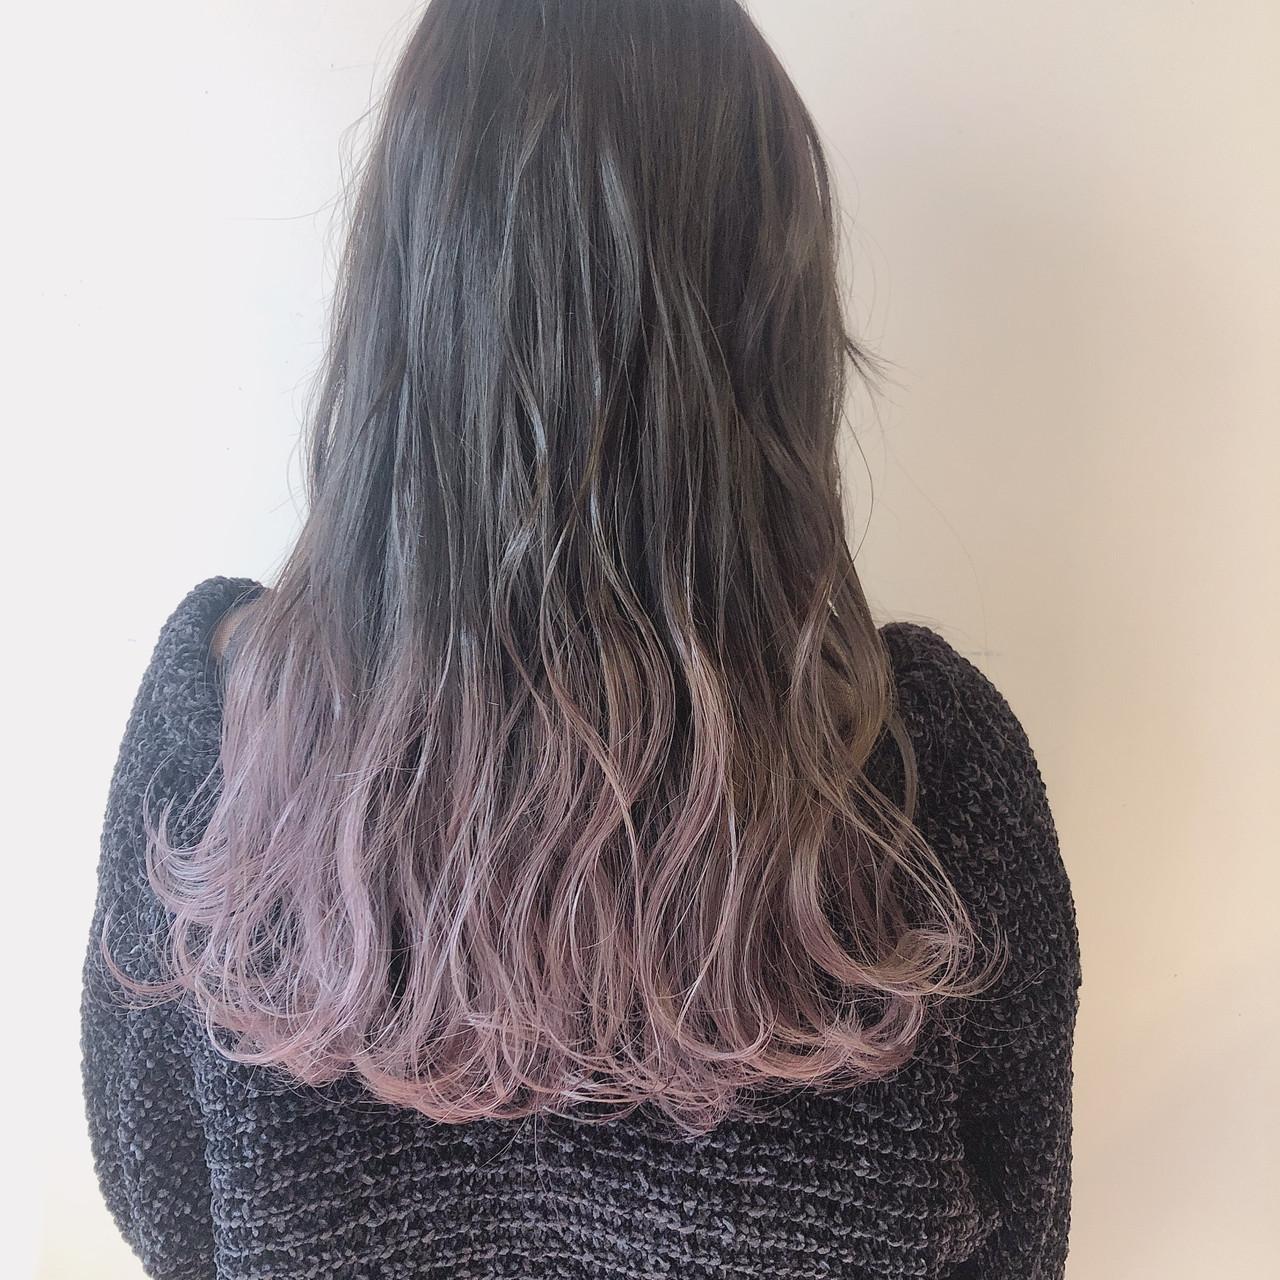 ピンクアッシュ ピンクグレージュ ピンクラベンダー ロング ヘアスタイルや髪型の写真・画像